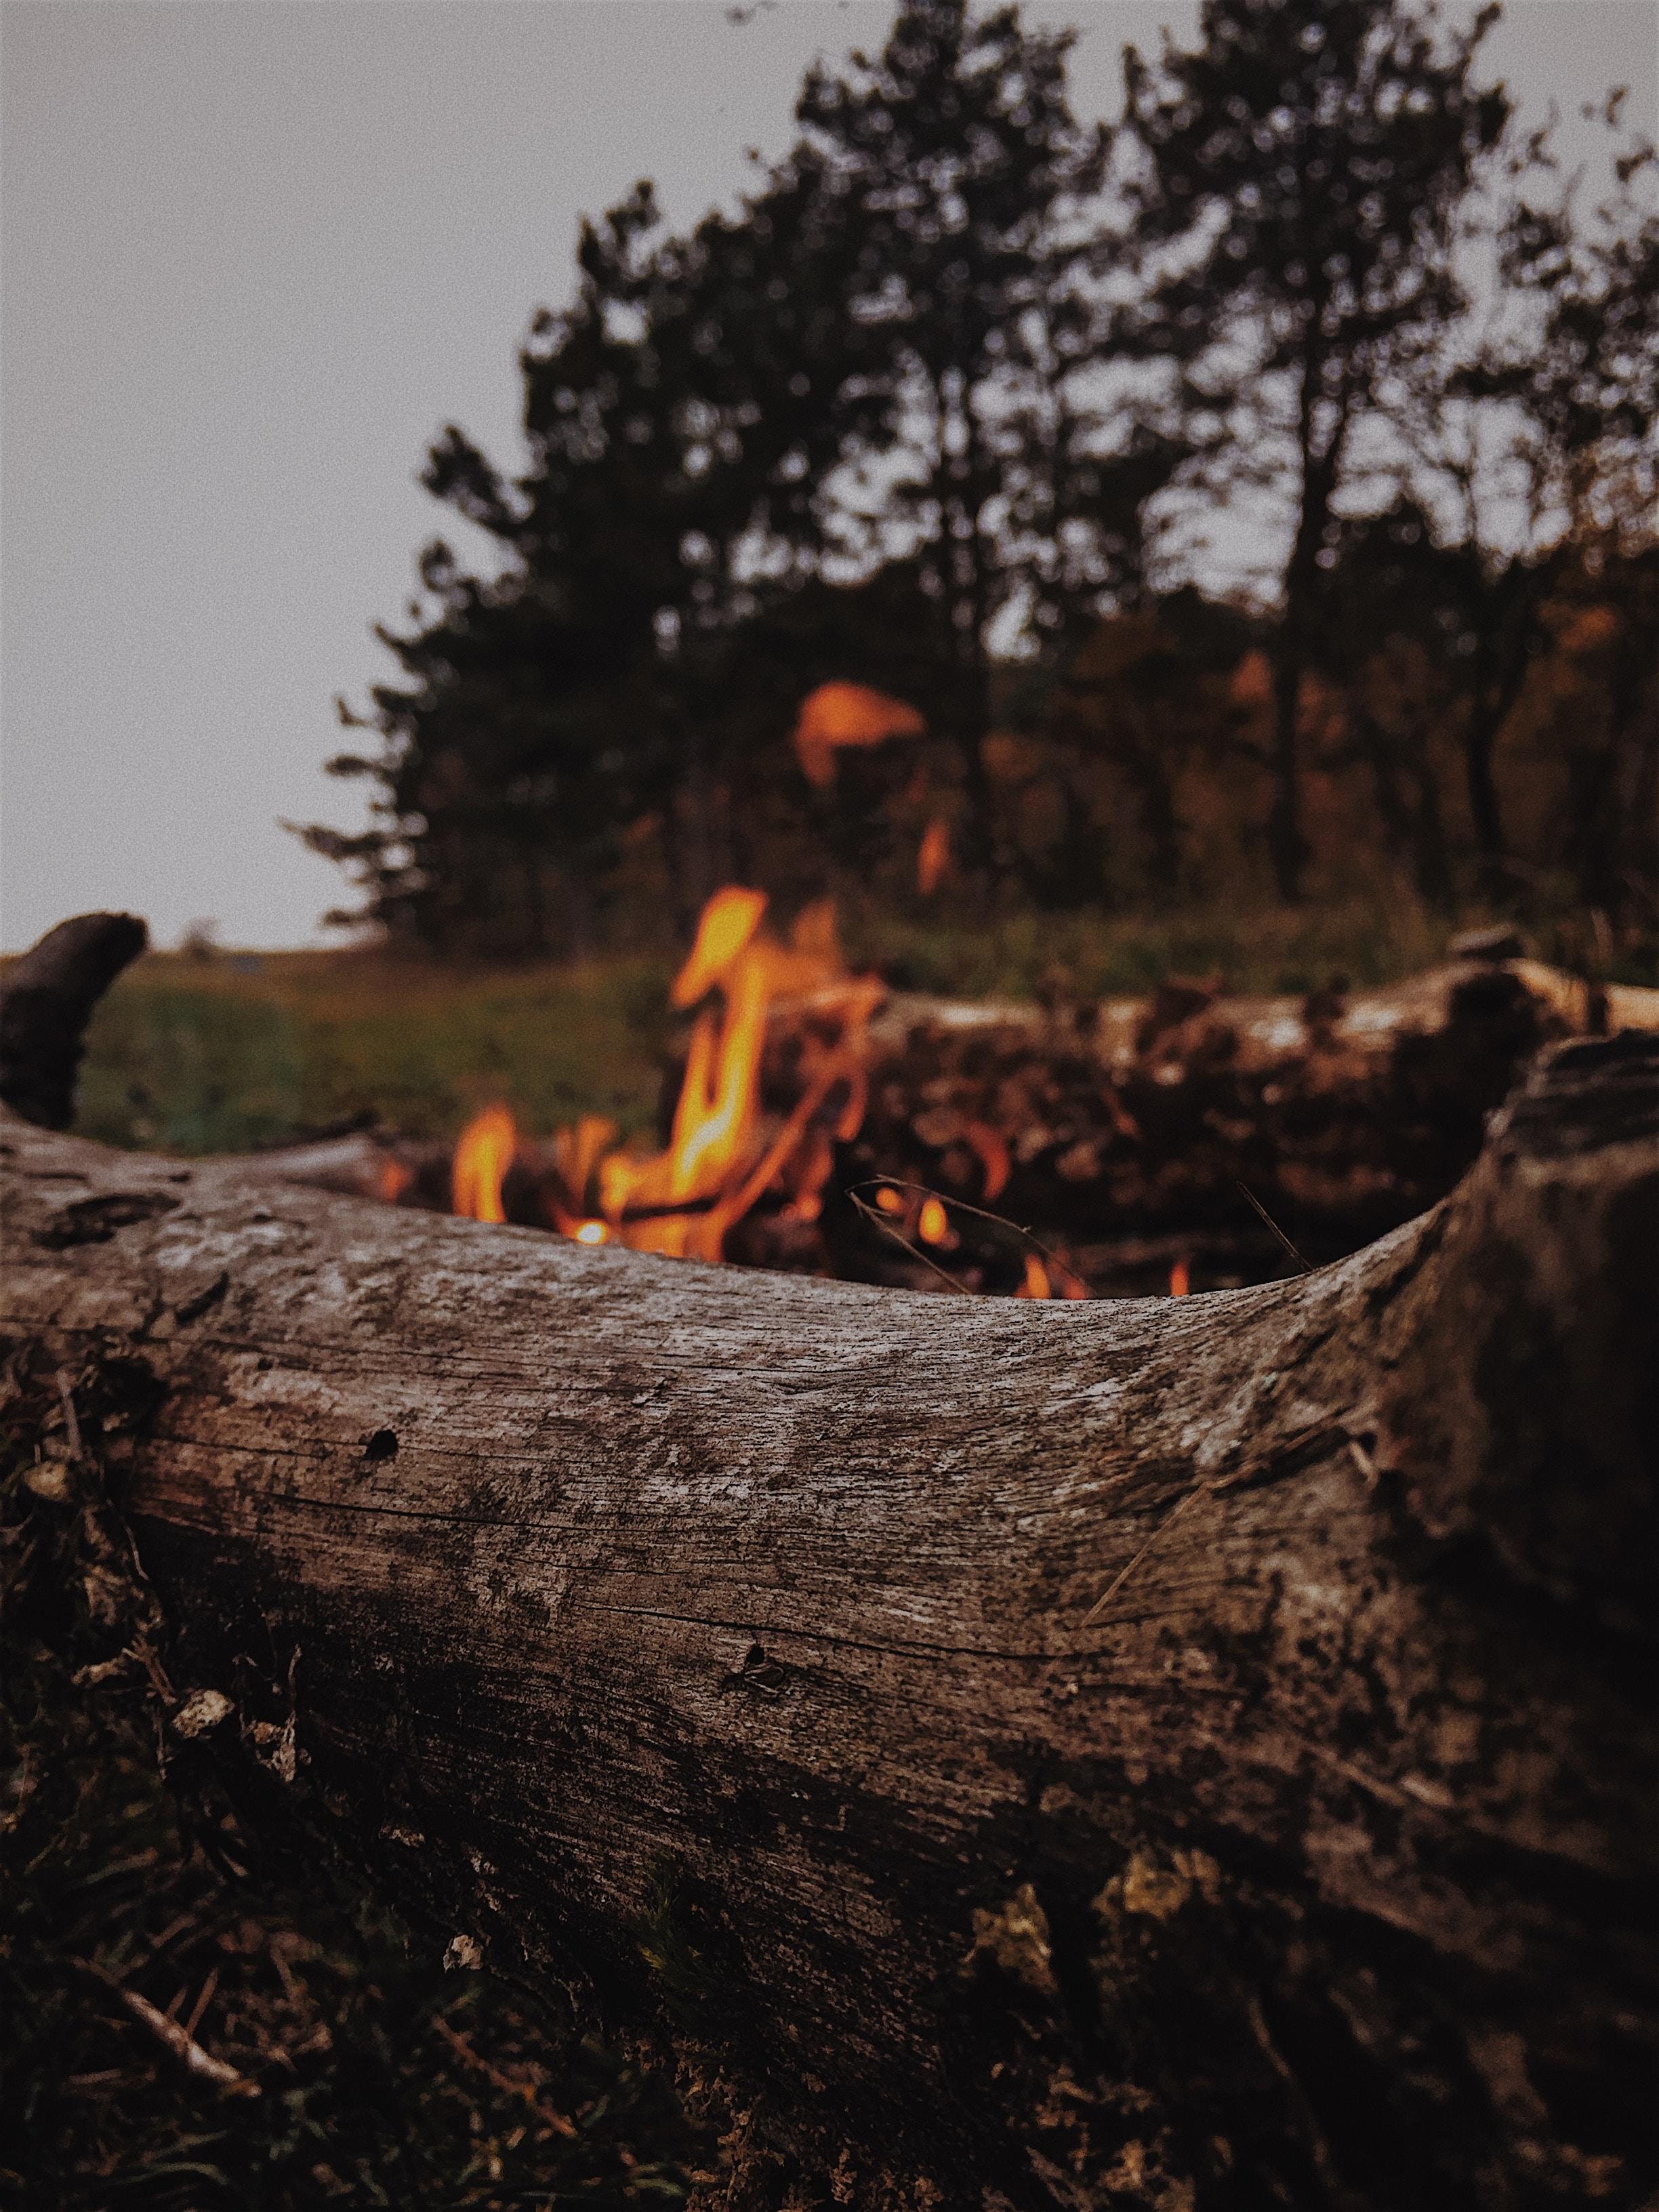 brown wooden log near bonfire